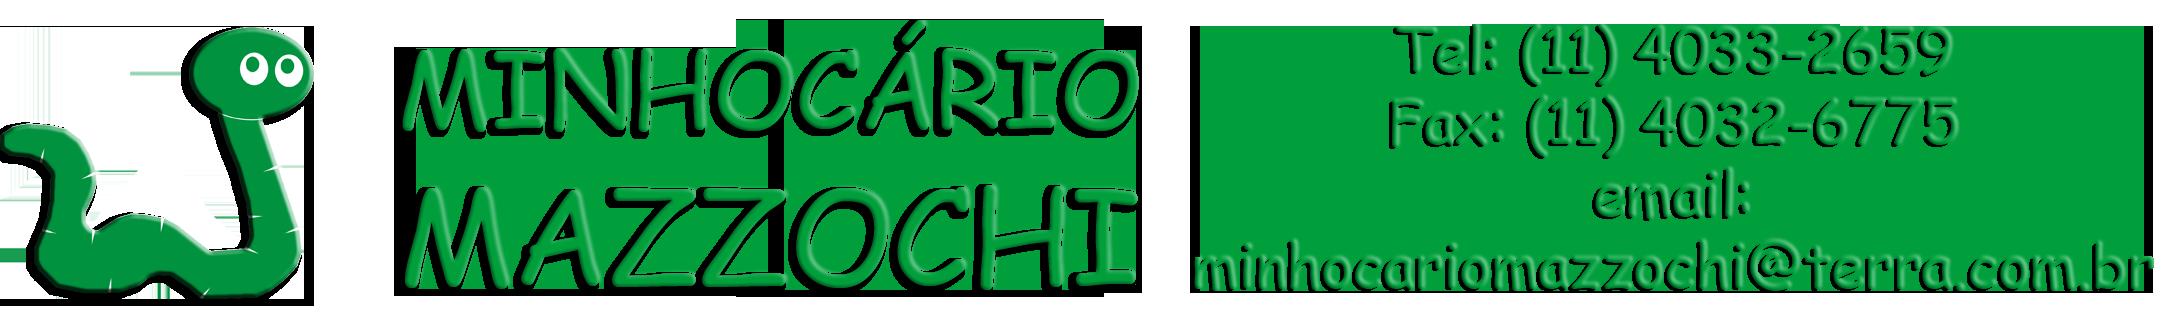 MINHOCÁRIO MAZZOCHI